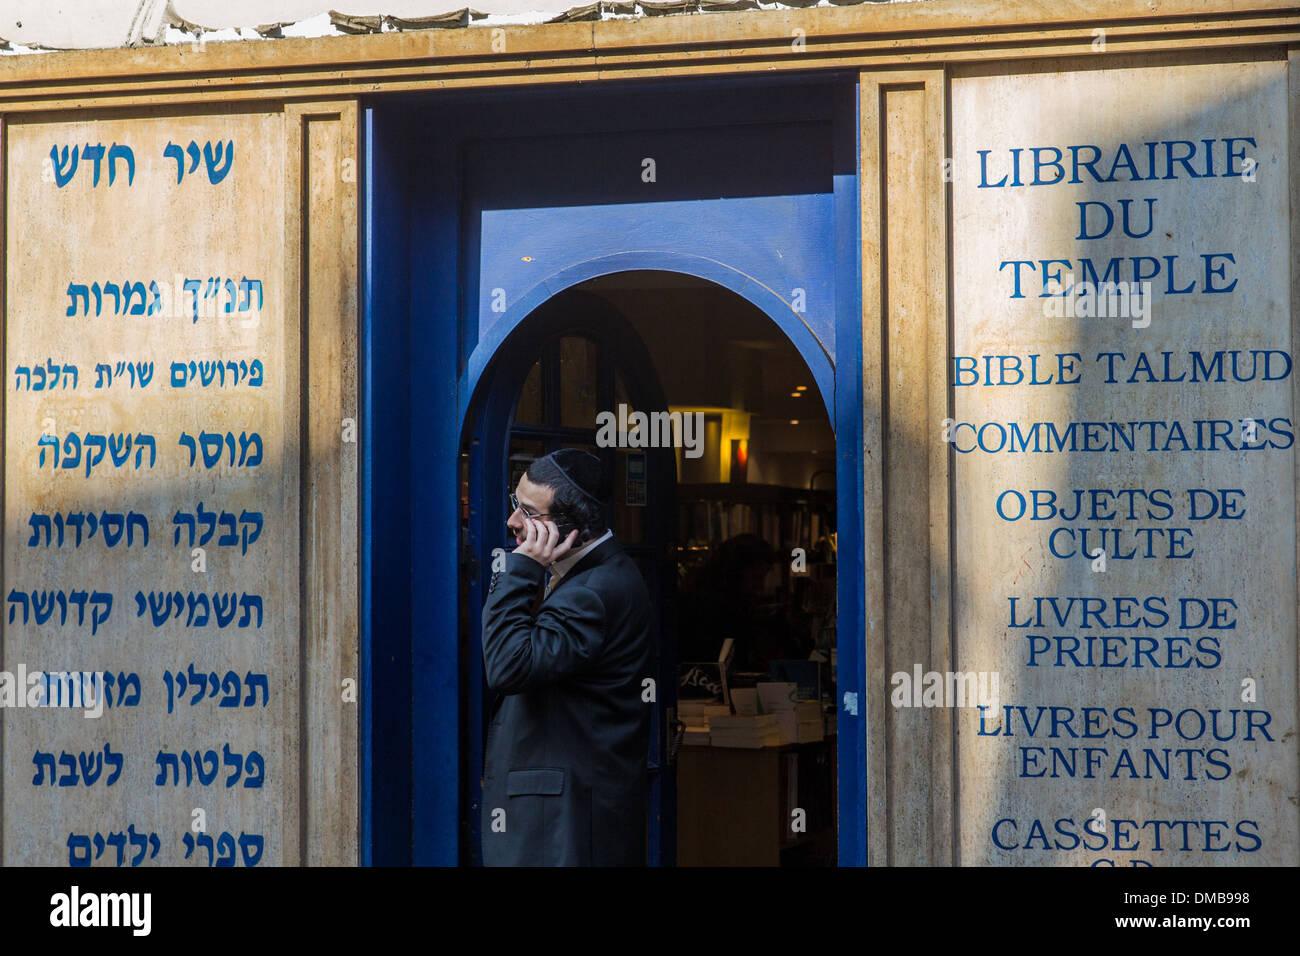 LIBRAIRIE DU TEMPLE BOOKSTORE, JEWISH BOOKS, RABBINIC LITERATURE, RUE DES HOSPITALIERES SAINT GERVAIS, 4TH ARRONDISSEMENT, Stock Photo